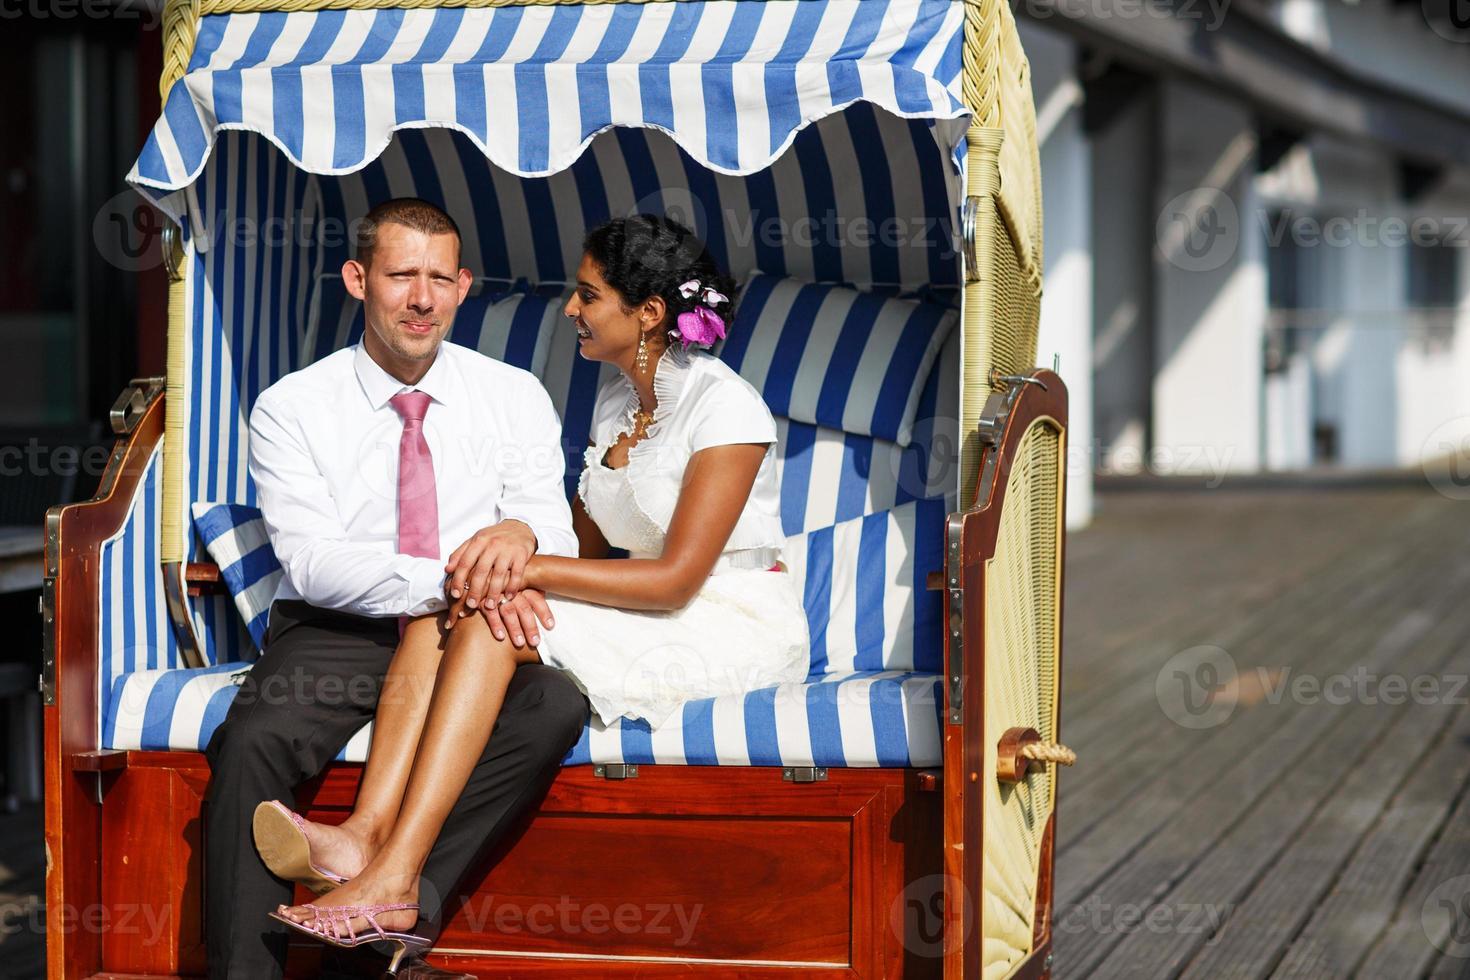 belle femme indienne et homme de race blanche, en chaise de plage. photo